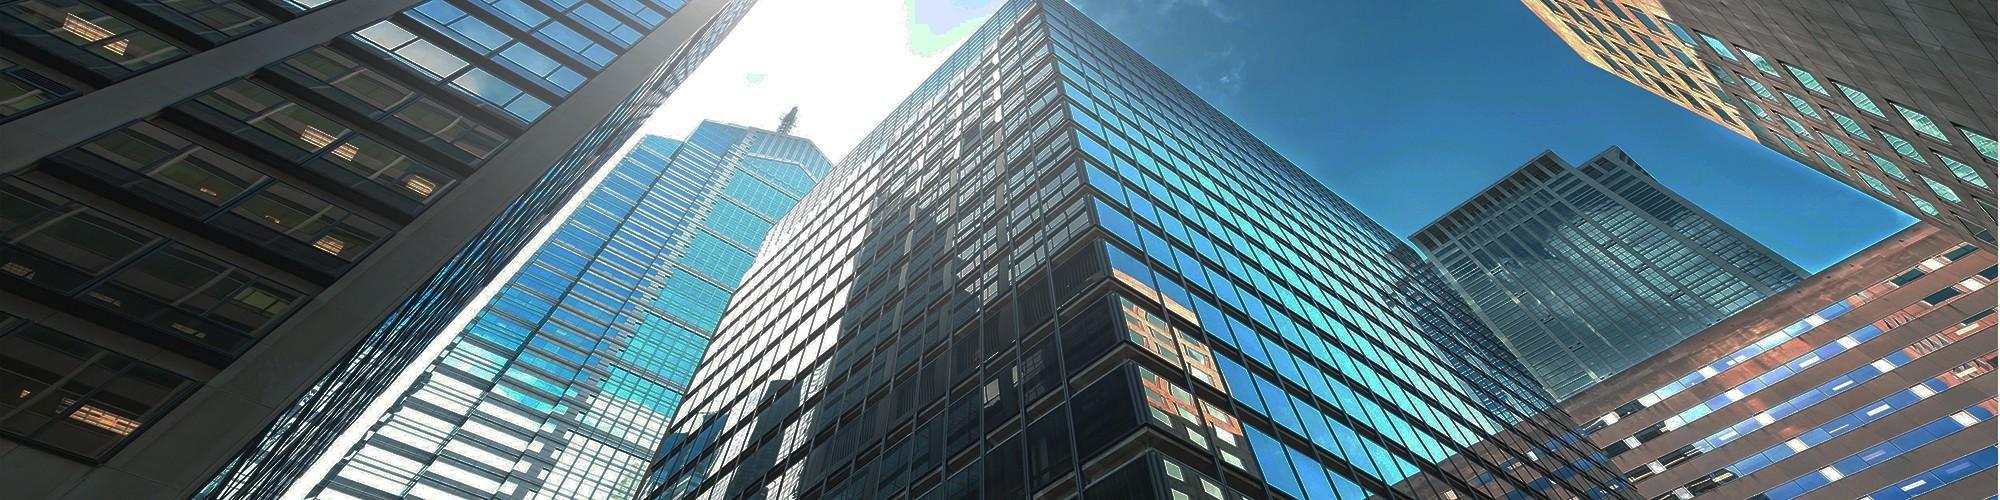 Commercial Buildings & Business Centre